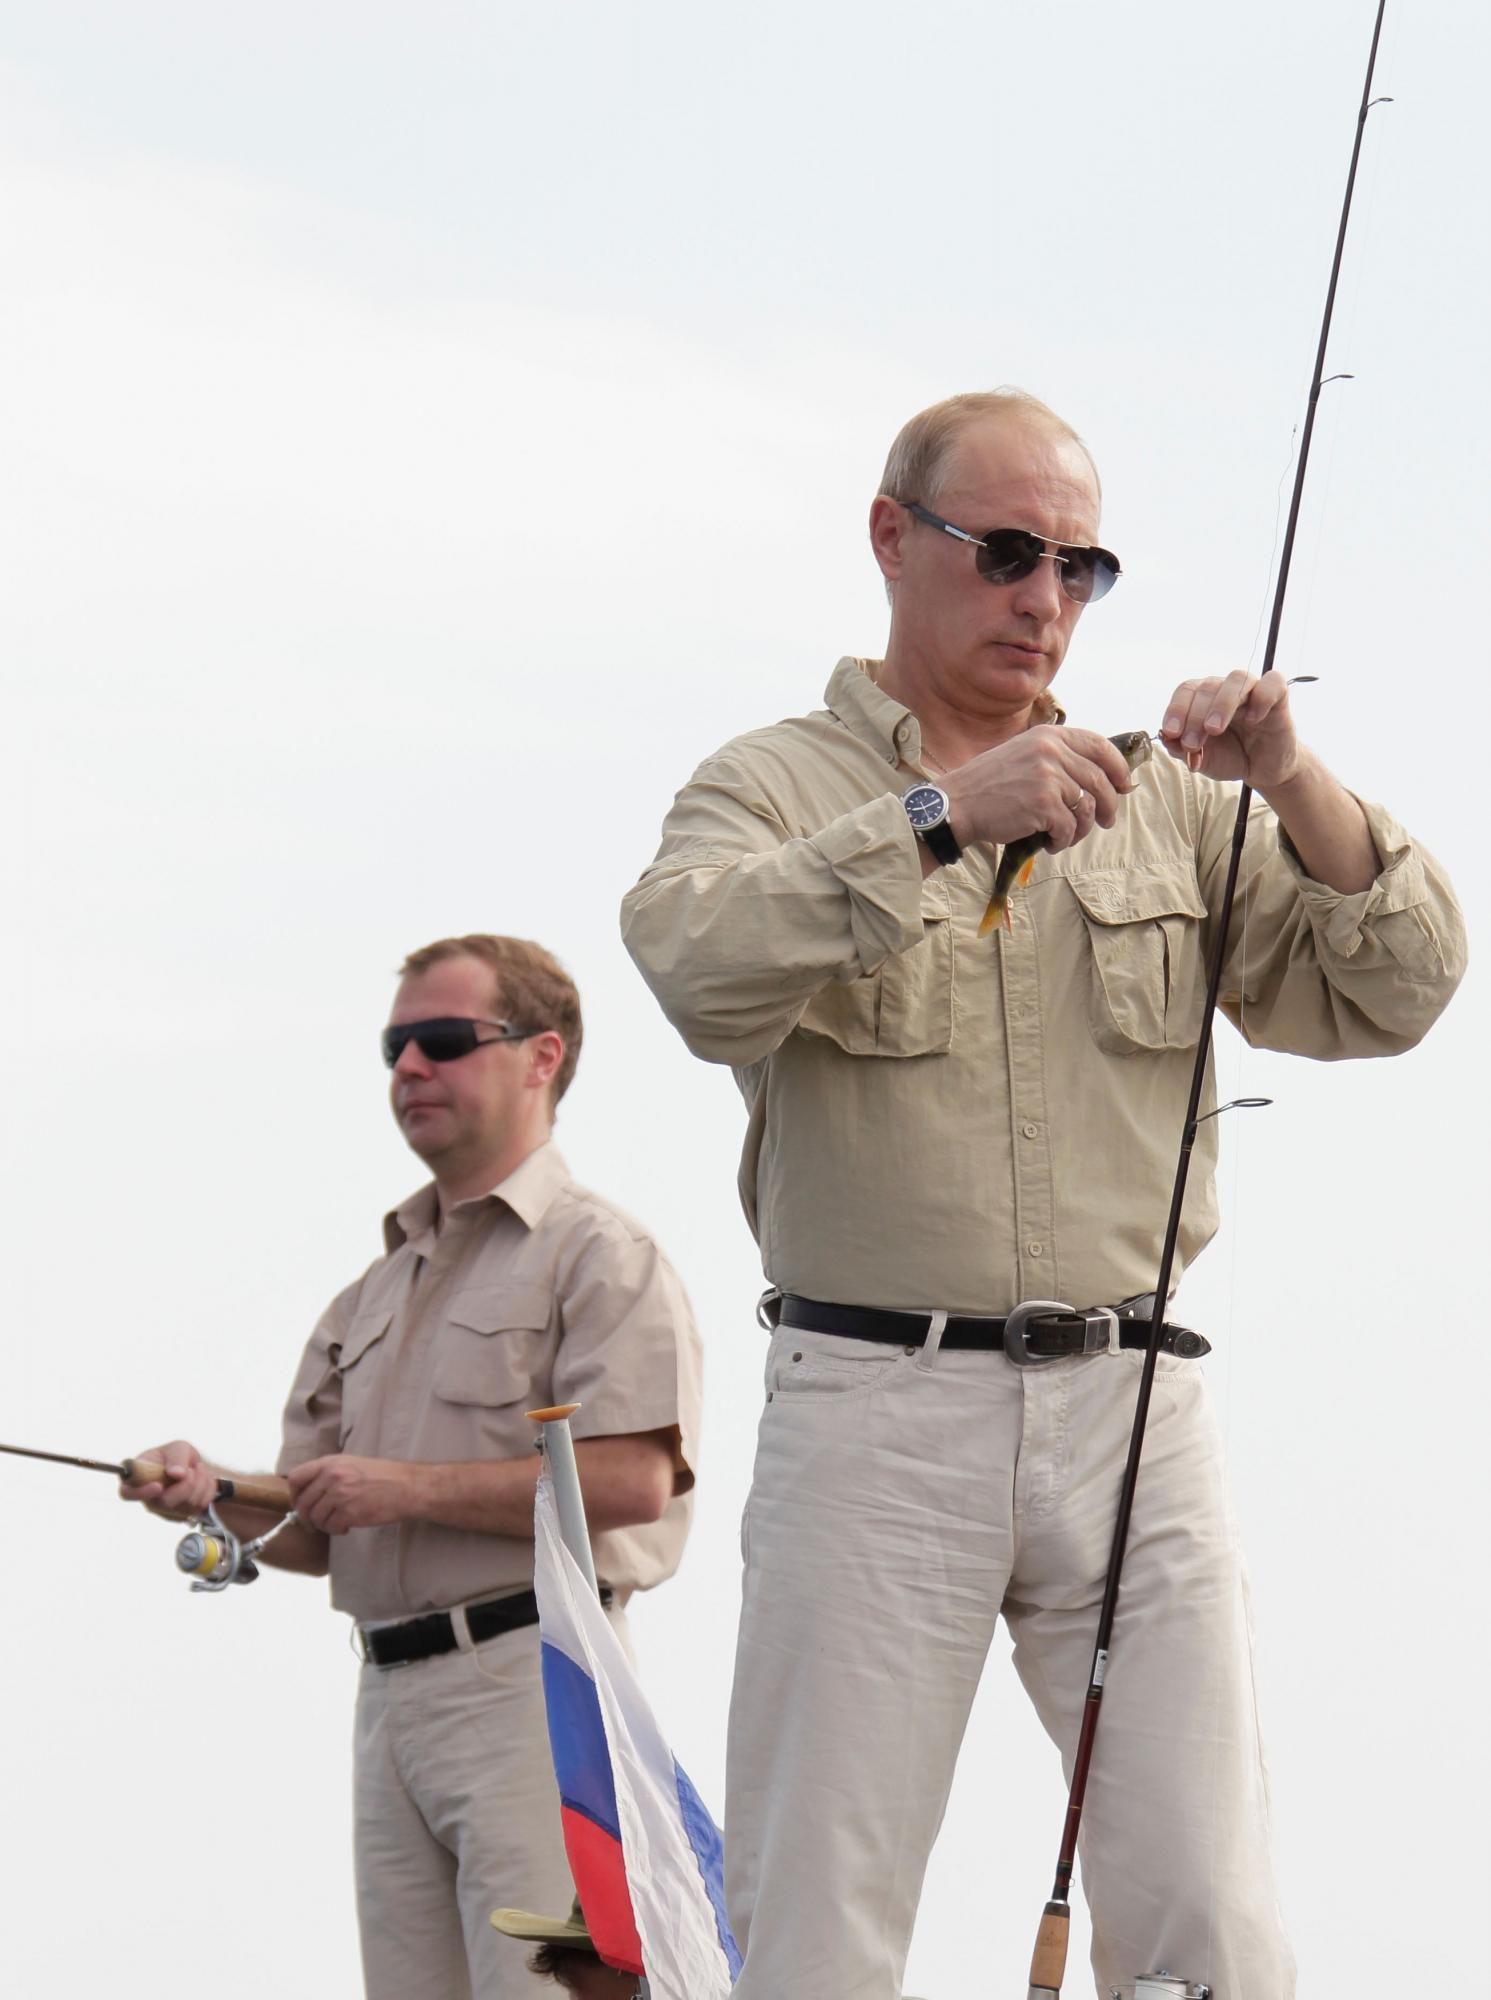 克里姆林宫网站上公布了几张二人的照片:一张显示梅德韦杰夫身穿潜水服,手里拿着水下照相机;另一张是总统握着一条半米长的鱼,身后是普京;还有一张照片是梅德韦杰夫正在驾驶一辆汽船。   不久前,普京在俄罗斯南部的塔曼半岛海底探秘,并幸运地发现了两个6世纪的古坛。如果算上最新的这一次,那么普京已经是第四次潜水了。俄罗斯媒体表示,不知道梅德韦杰夫此前是否有过类似经历。   距2012年俄罗斯总统大选已经越来越近了,但这对执政组合始终对参选问题三缄其口。